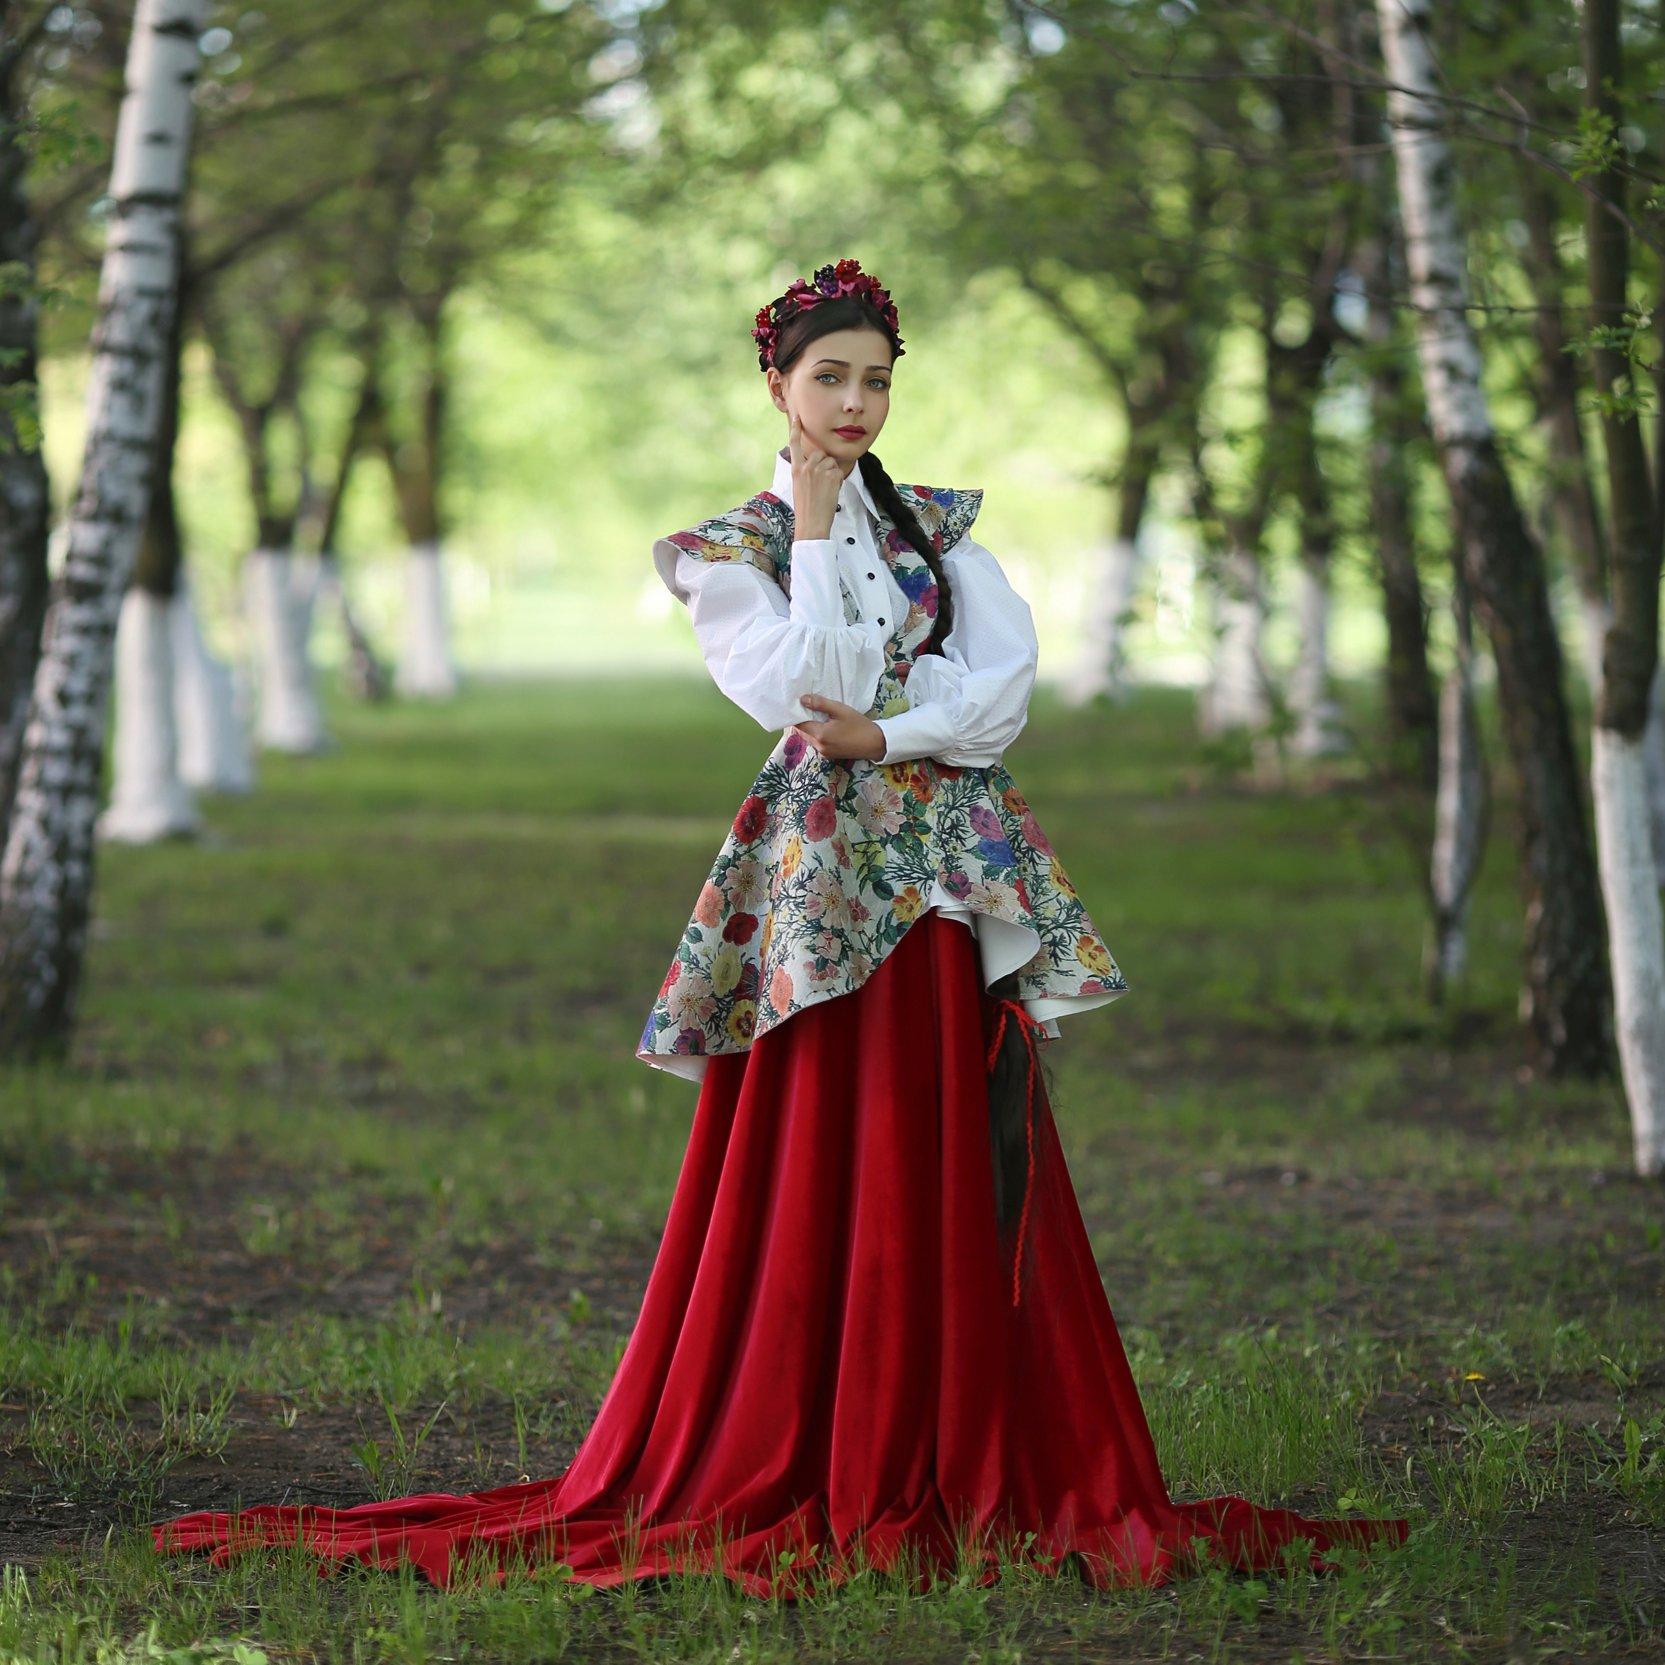 русская береза, березовая аллея, русский народный костюм, Ирина Голубятникова